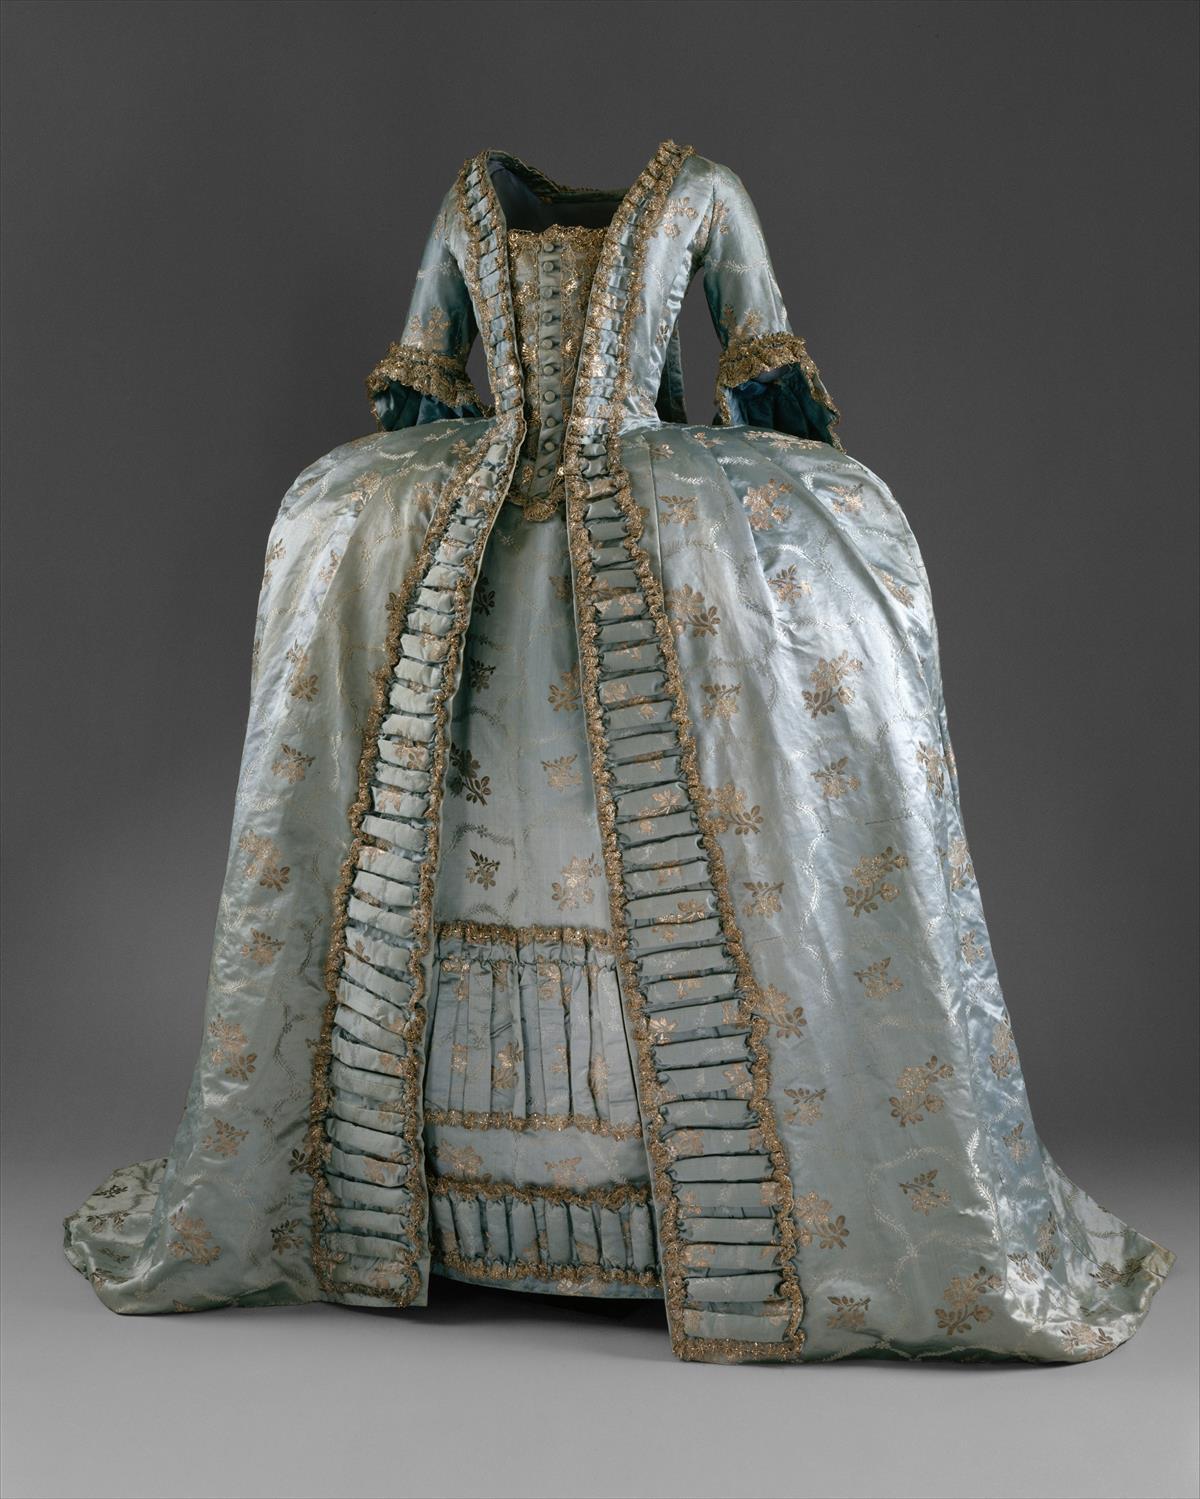 c. 1765. Robe à la Française. European. Silk. metmuseum